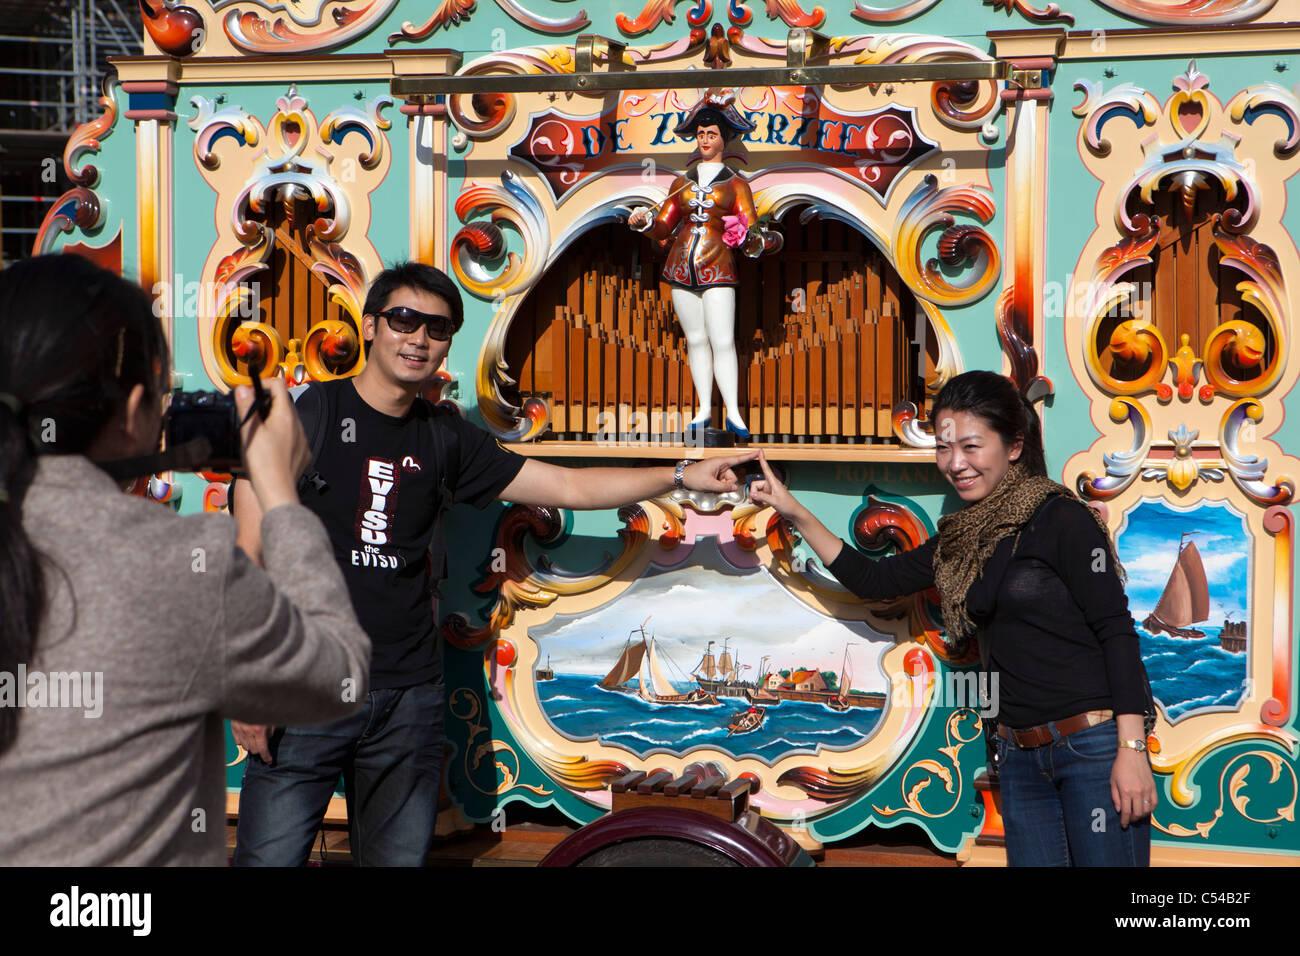 Die Niederlande, Amsterdam, jährliche Parade der Drehorgeln auf dem Dam. Asiatische Touristen, Mann und Frau, Stockbild